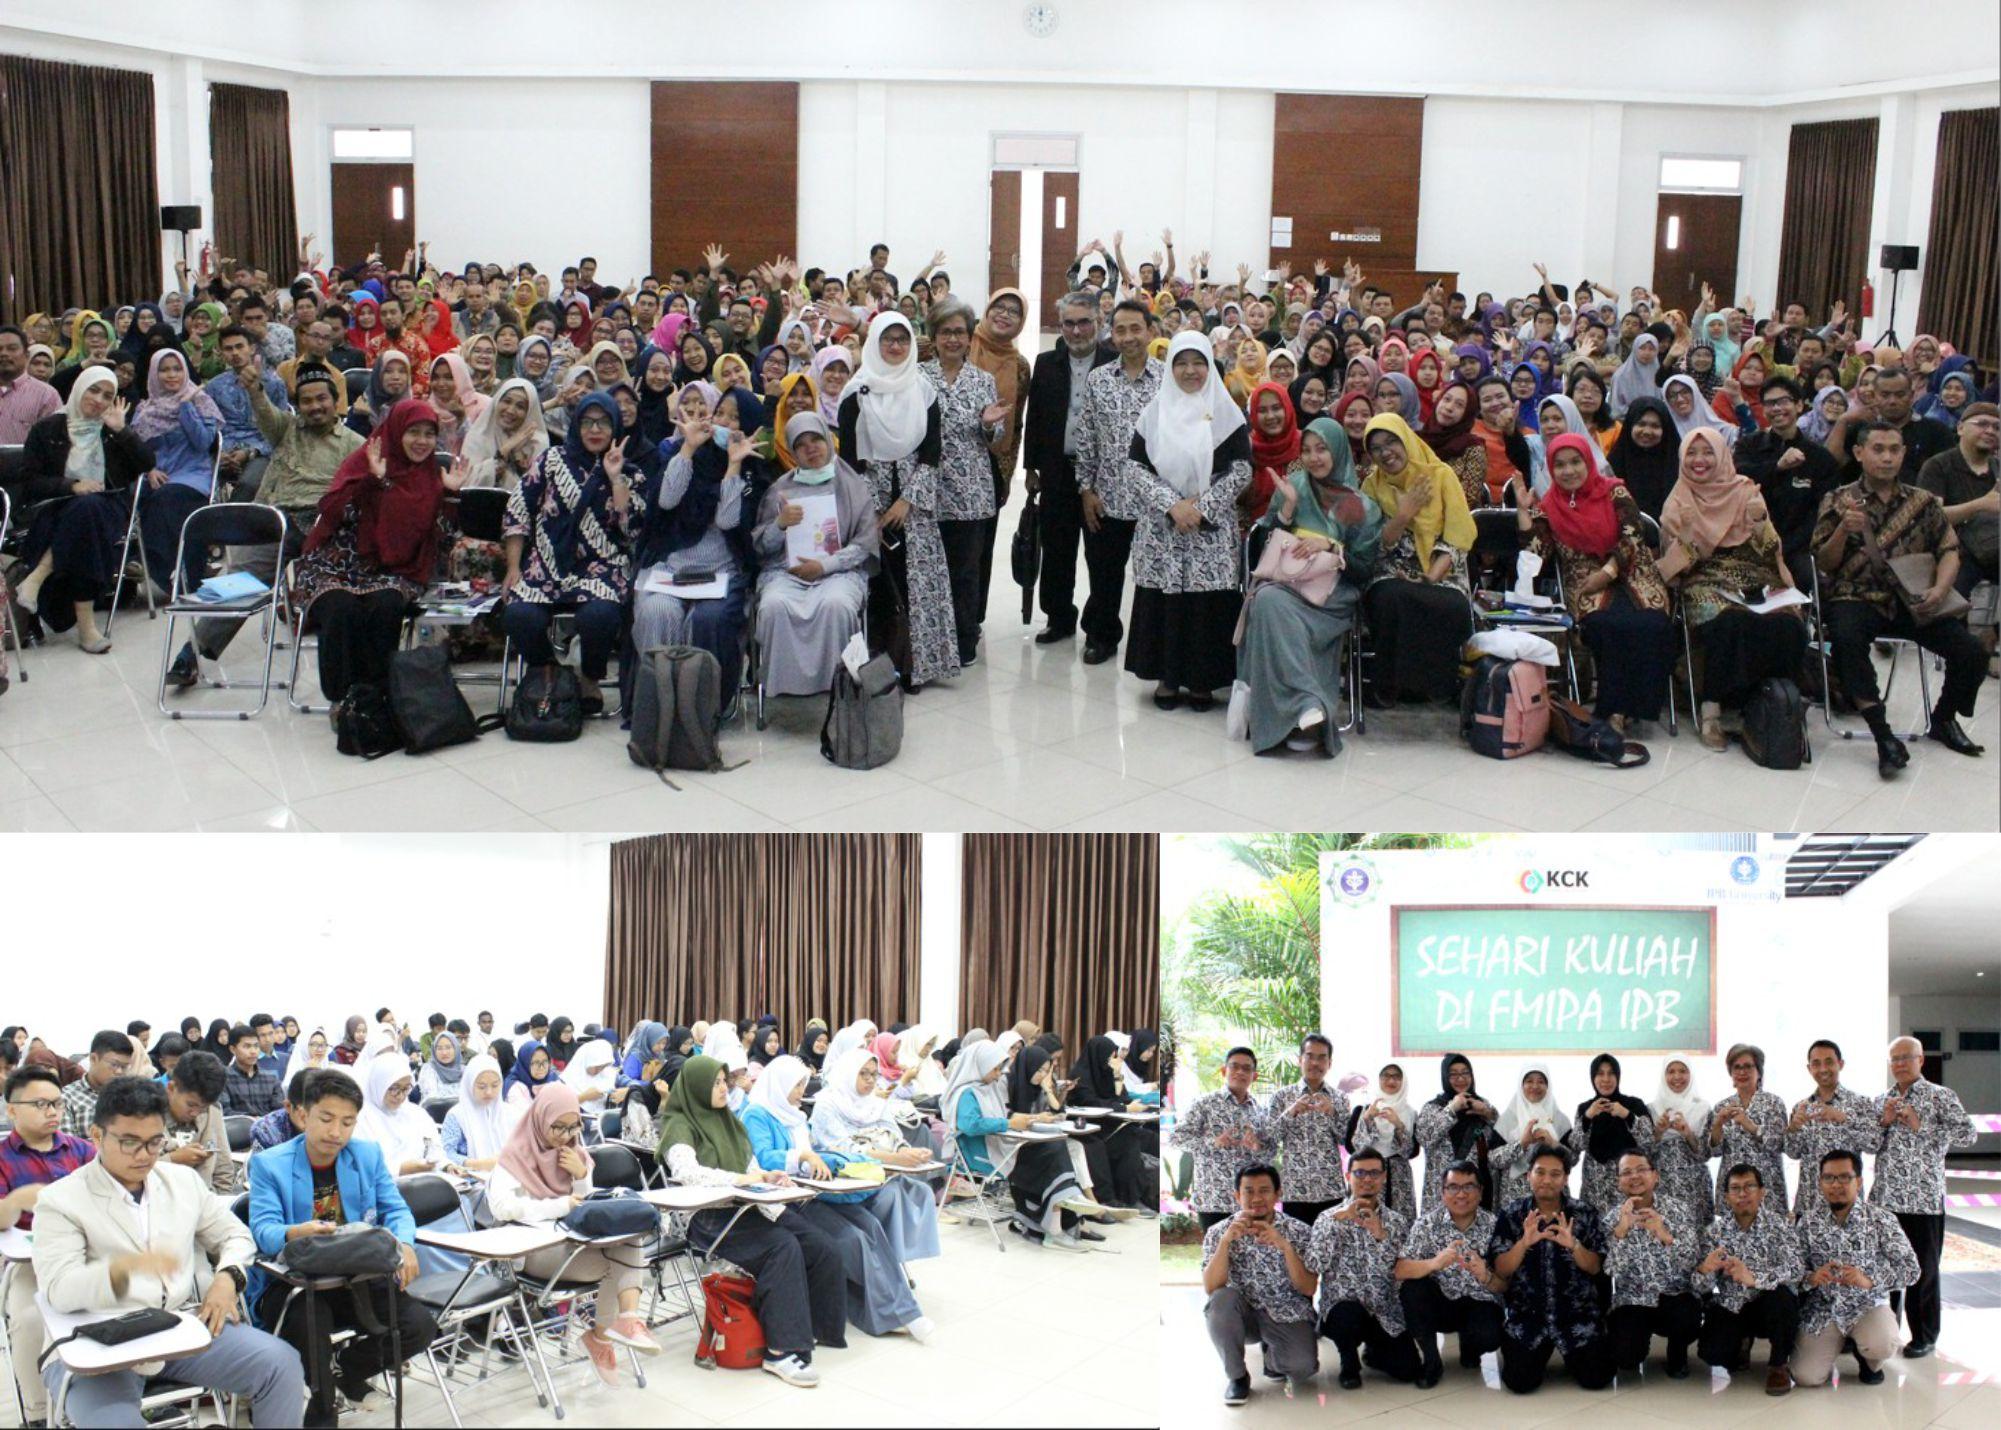 SDGs Sehari Kuliah di FMIPA IPB 2019